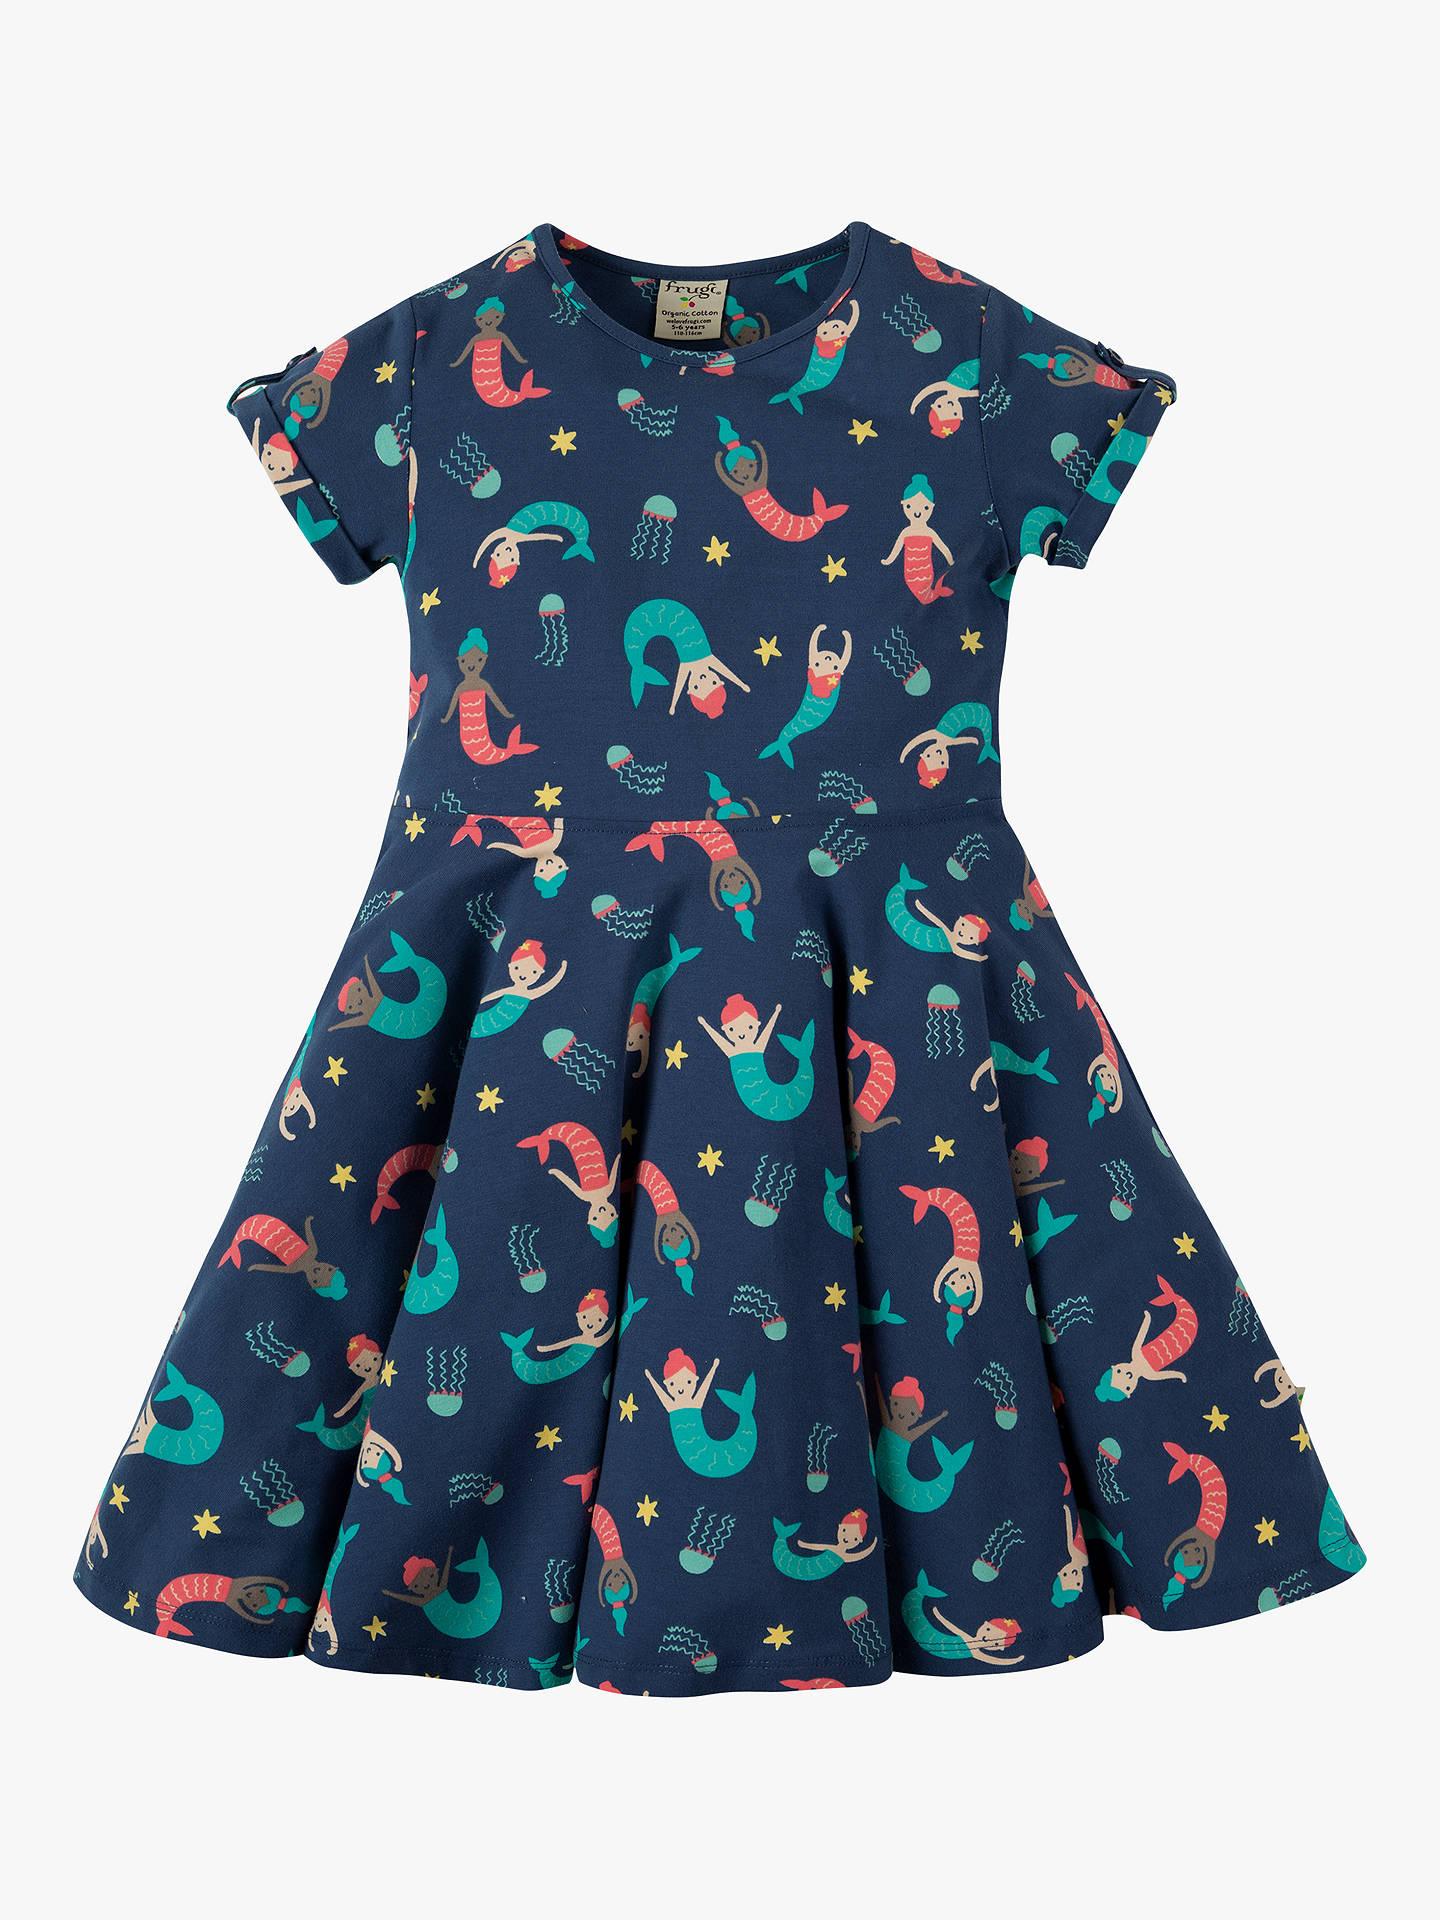 Frugi Children's Mermaid Skater Dress, BlueMulti at John